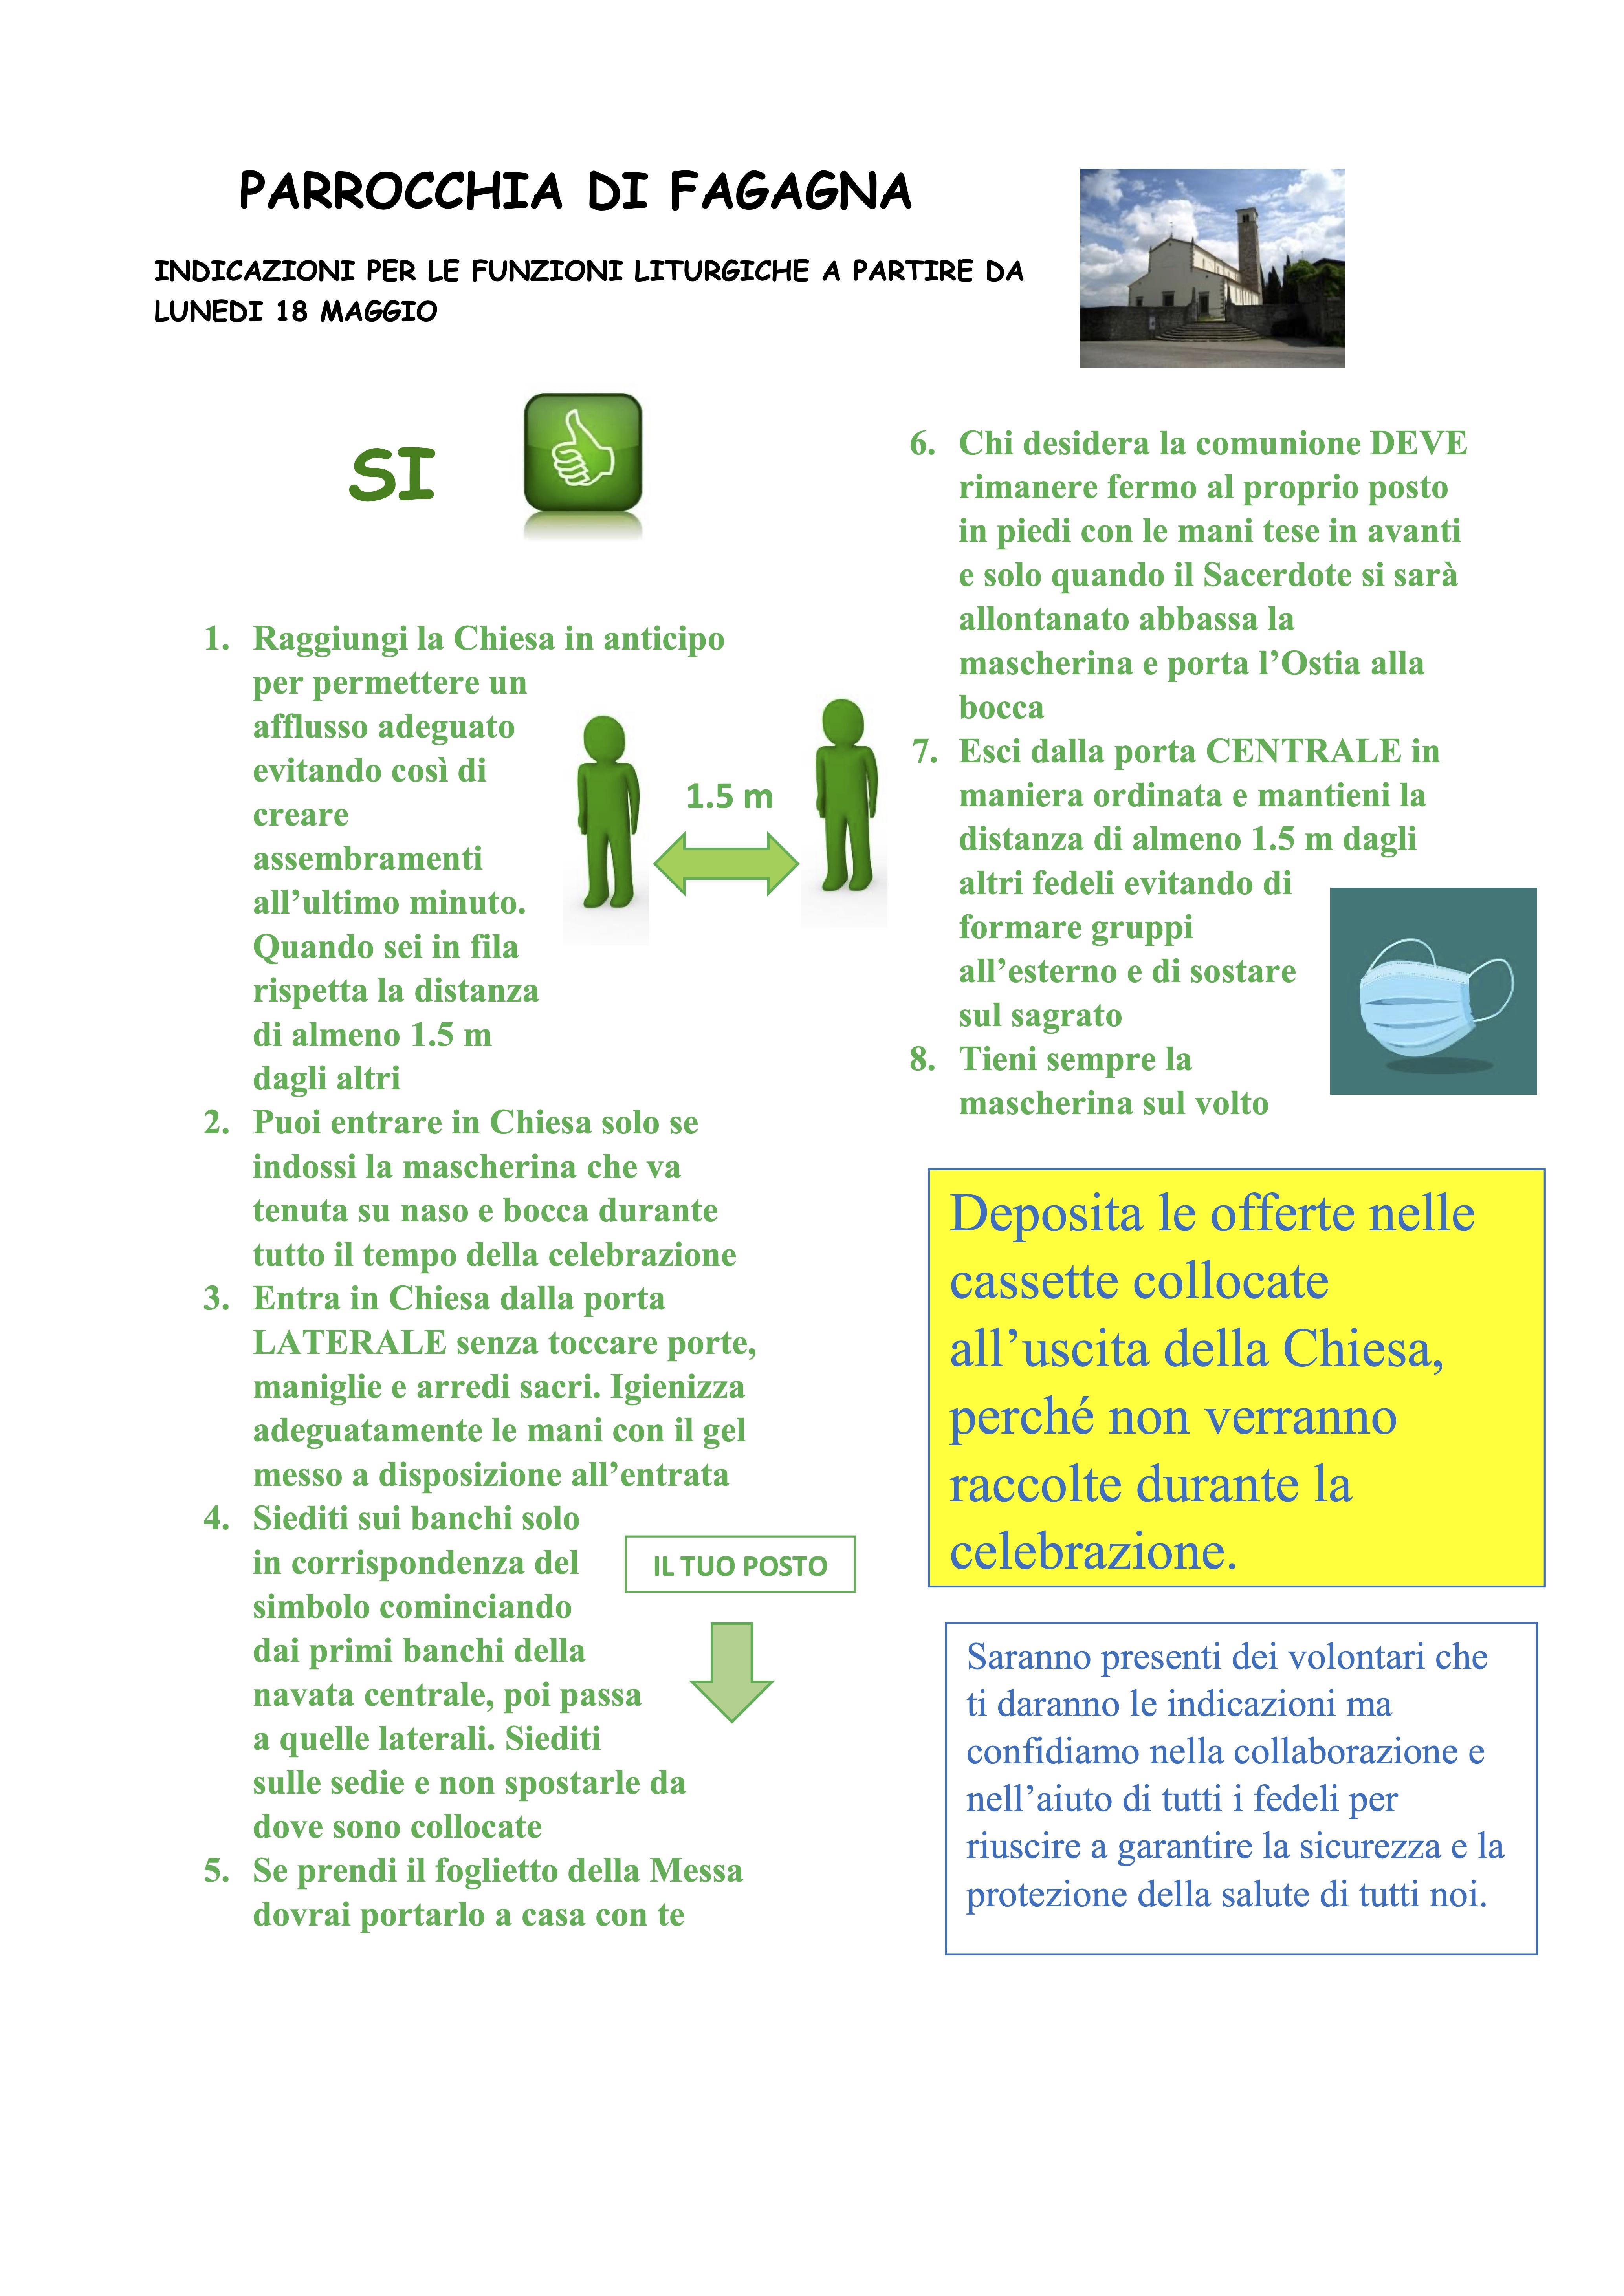 Accesso alla Santa Messa - Disposizioni per i Fedeli